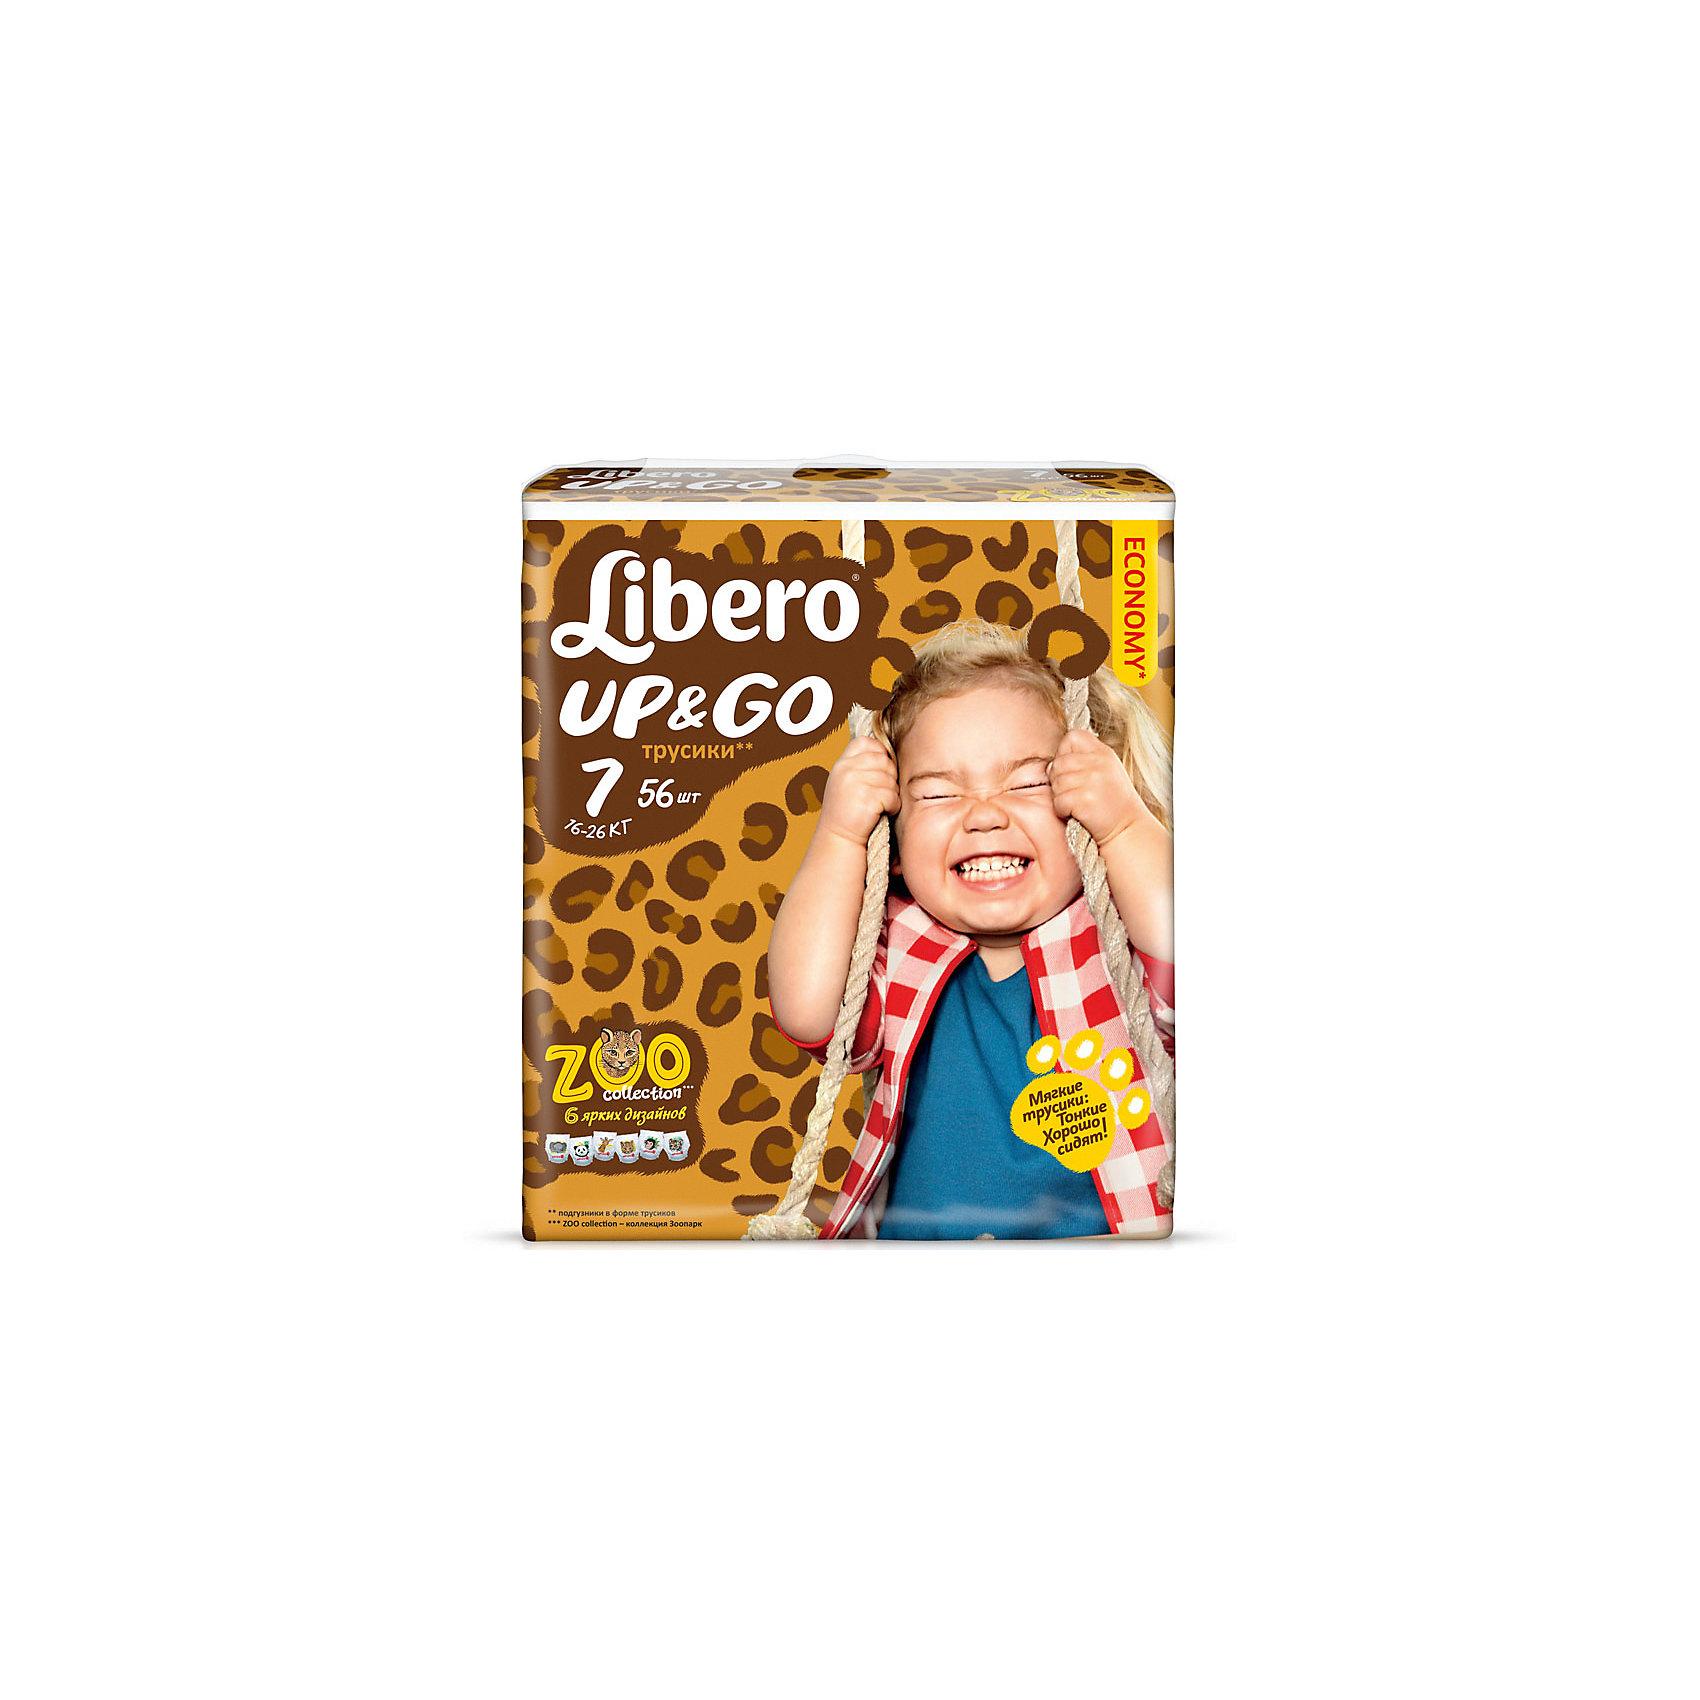 Трусики Up&amp;Go, XL Plus 16-26 кг (7), 12 шт., LiberoТрусики-подгузники<br>Трусики-подгузники Libero Up&amp;Go (Либеро ап энд гоу) Zoo Collection Size 7 (16-26кг), 12 шт.<br><br>Характеристики: <br><br>• легко надевать<br>• мягкие и тонкие трусики<br>• отлично впитывают и удерживают влагу<br>• тянущийся поясок из дышащих материалов<br>• барьеры вокруг ножек защищают от протекания<br>• не сковывают движений<br>• легко снимать и сворачивать<br>• привлекательный дизайн с животными<br>• размер: 7 (16-26 кг)<br>• количество в упаковке: 12 шт.<br><br>Трусики-подгузники Libero Up&amp;Go из коллекции Зоопарк идеально подойдут для самых активных малышей. Вы с легкостью сможете надеть трусики-подгузники, даже если ваш непоседа не любит спокойно сидеть. Несмотря на небольшую толщину, трусики отлично впитывают и удерживают влагу, не сковывая движений крохи. Барьеры вокруг ножек и эластичный пояс предотвратят возможные протекания. После использования вы легко снимите подгузник, разорвав боковые швы. Клеящая лента поможет закрепить использованный подгузник после сворачивания. Трусики имеют приятный дизайн, который понравится и ребенку, и родителям: 6 различных зверюшек, которых можно встретить в любом зоопарке. Предложите малышу изучить животных и выбрать, кого из них он хочет надеть. С этими трусиками-подгузниками процесс переодевания превратится в настоящую игру!<br><br>Трусики-подгузники Libero Up&amp;Go (Либеро ап энд гоу) Zoo Collection Size 7 (16-26кг), 12 шт. вы можете приобрести в нашем интернет-магазине.<br><br>Ширина мм: 147<br>Глубина мм: 195<br>Высота мм: 205<br>Вес г: 554<br>Возраст от месяцев: 24<br>Возраст до месяцев: 84<br>Пол: Унисекс<br>Возраст: Детский<br>SKU: 3517643